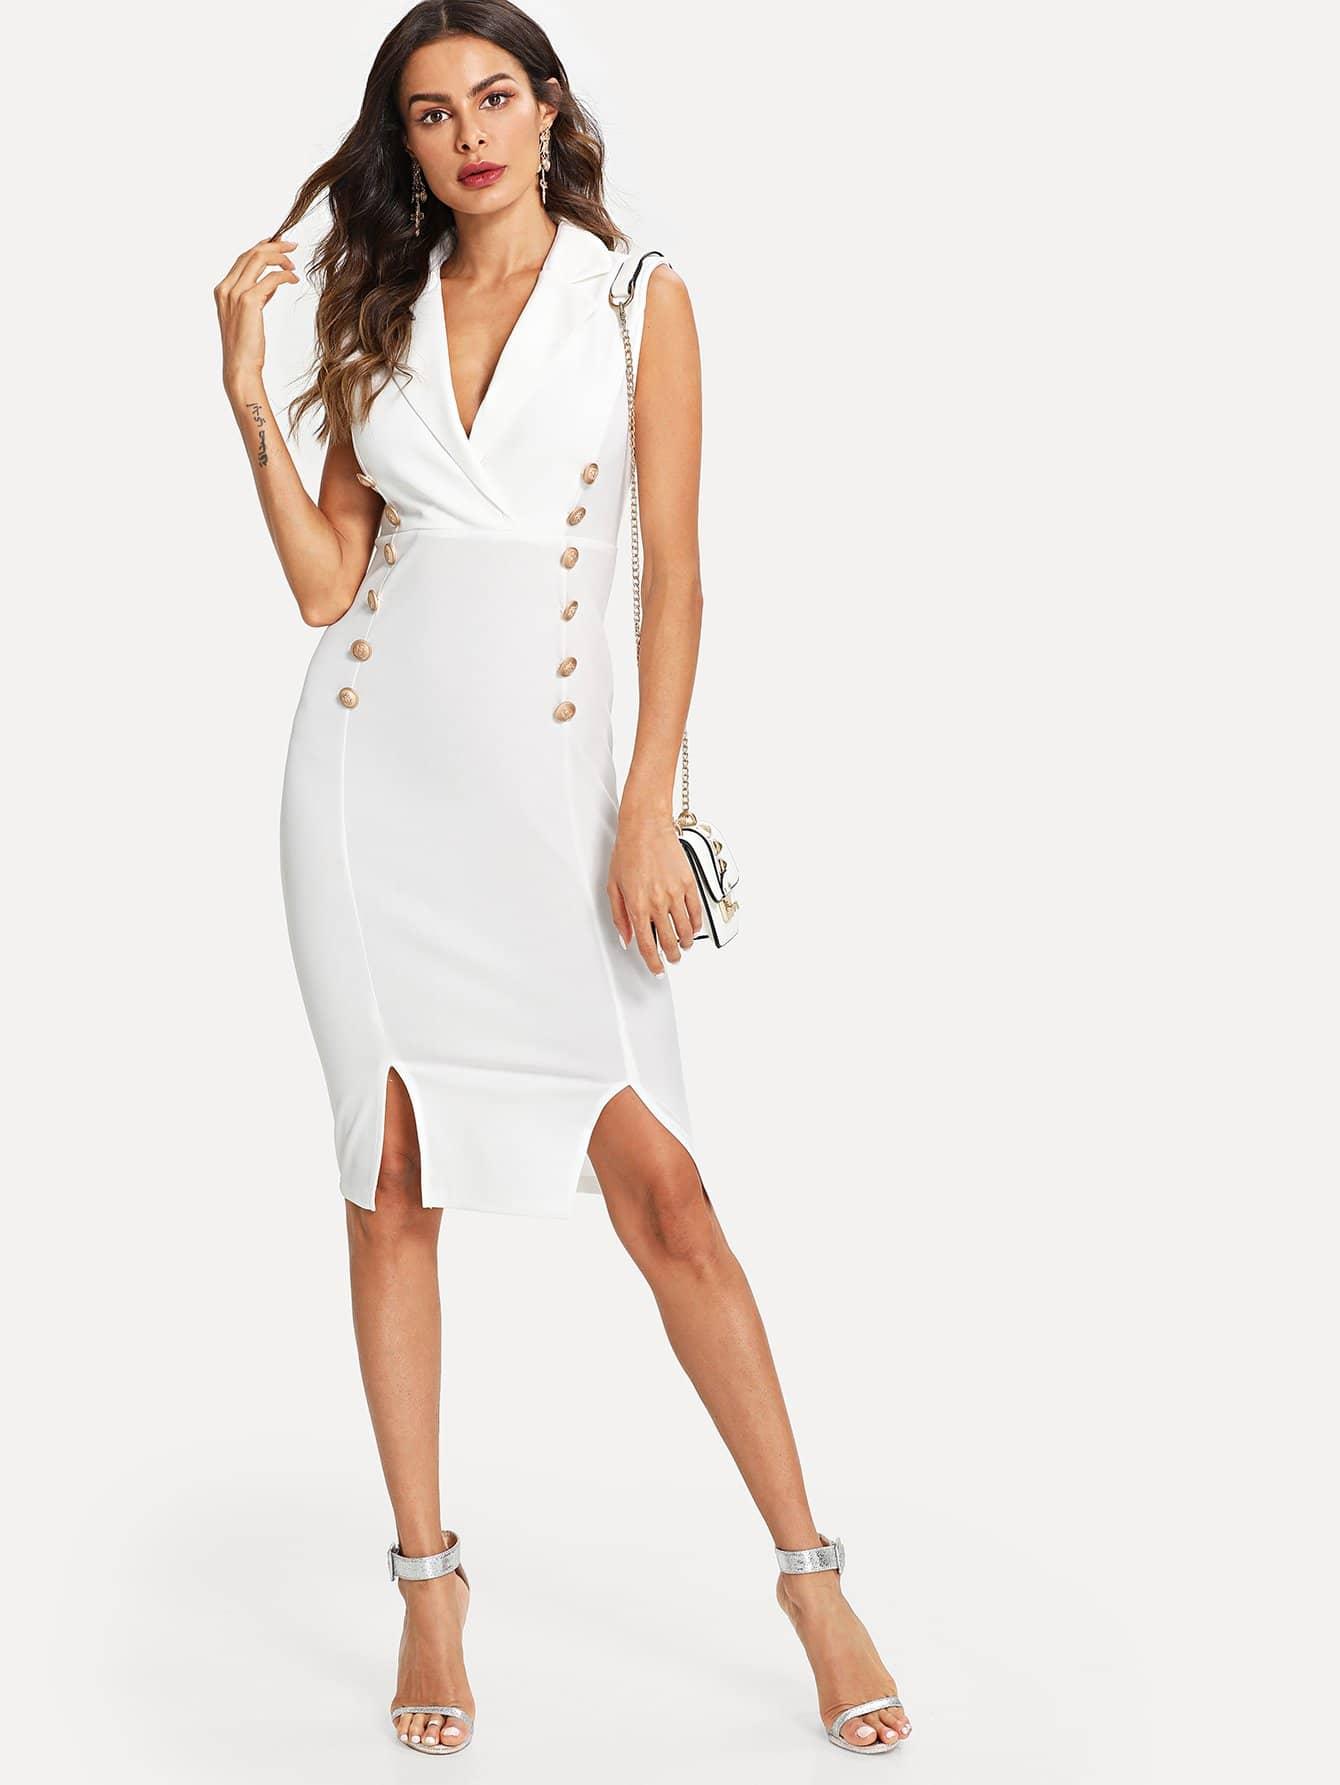 Купить Подробное описание кнопки M-Slit Fitted Dress, Andy, SheIn